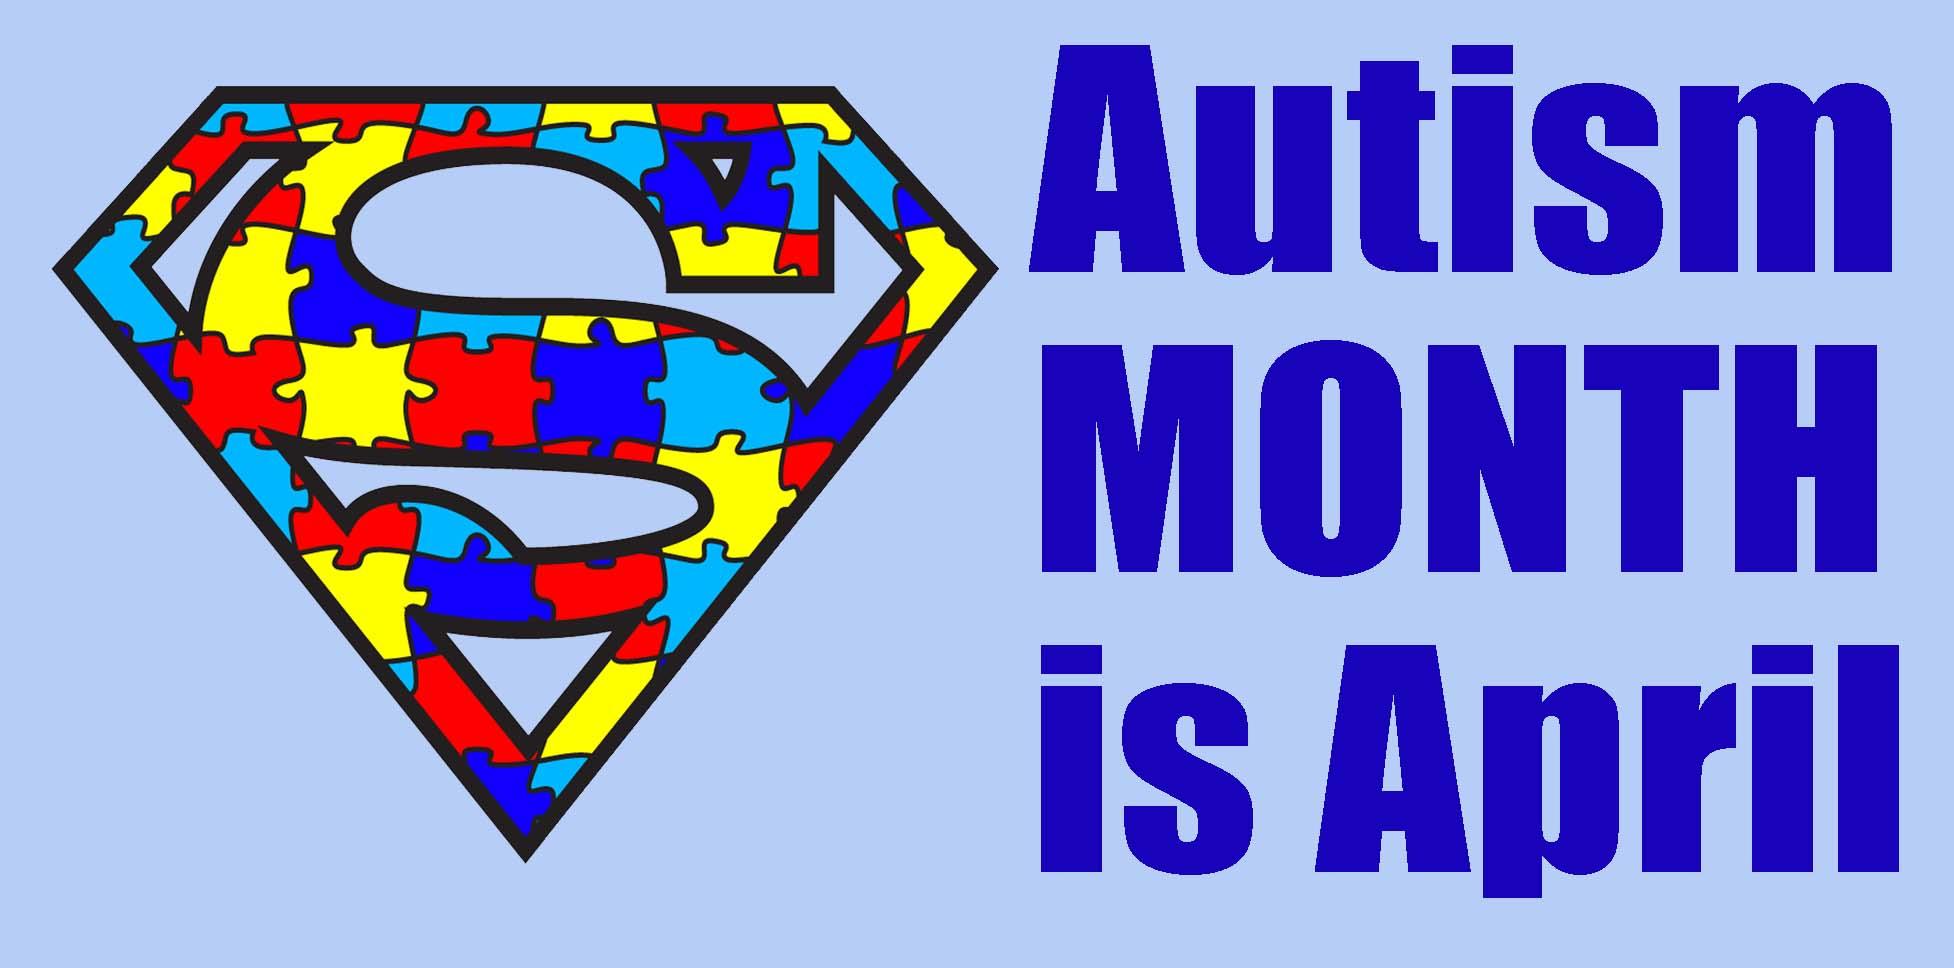 Autism Awareness Day April 2nd.